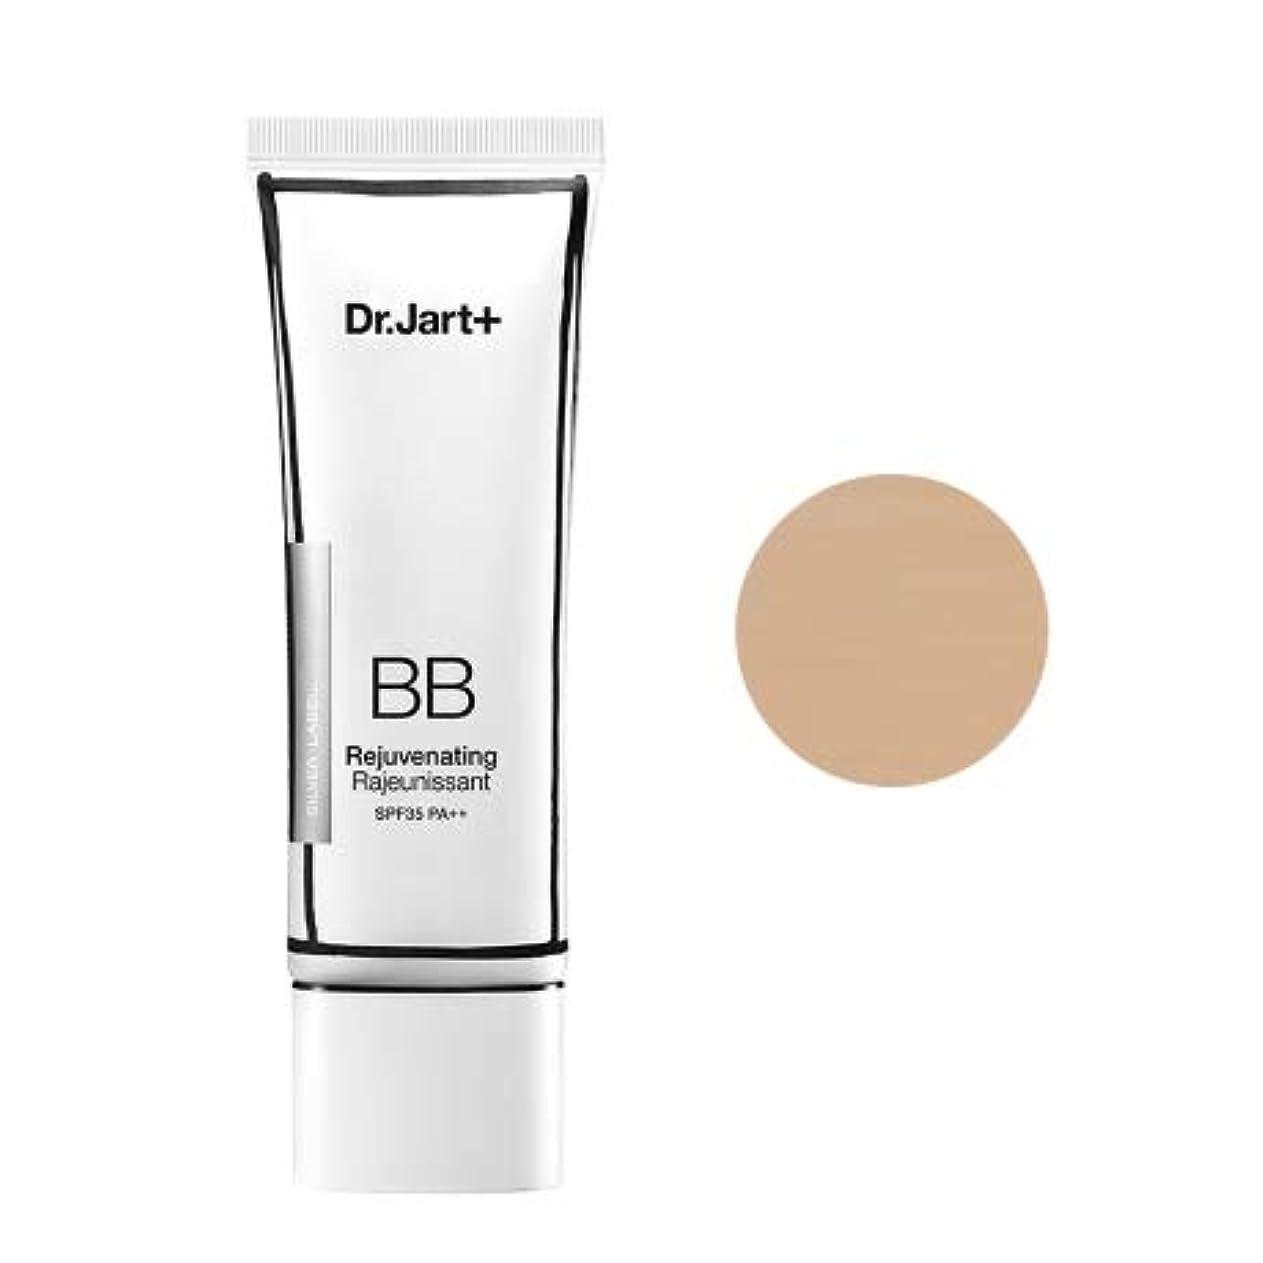 判読できない肉のパイ[Upgrade] Dr.Jart+Dermakeup Rejuvenating Beauty Balm SPF35 PA++ 50ml /ドクタージャルトゥザメーキャップリージュビネイティンビューティーバーム SPF35...